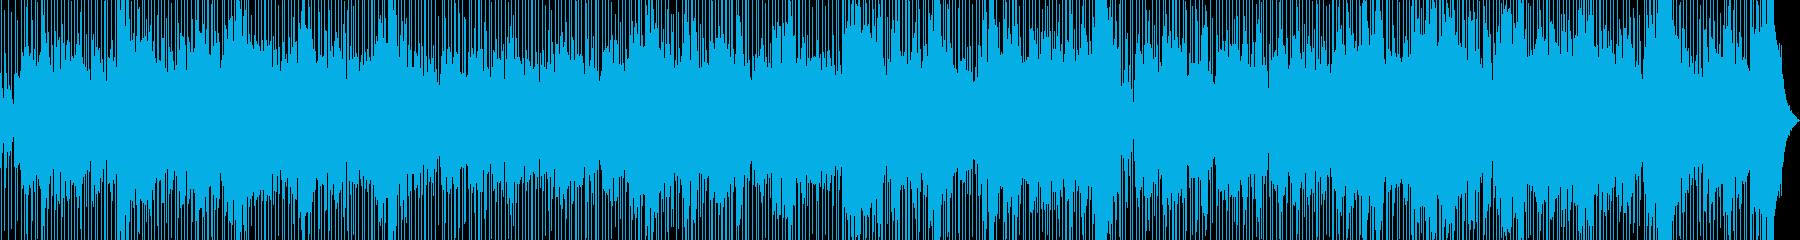 占い・ヨガ・リラックス・作業用チルアウトの再生済みの波形